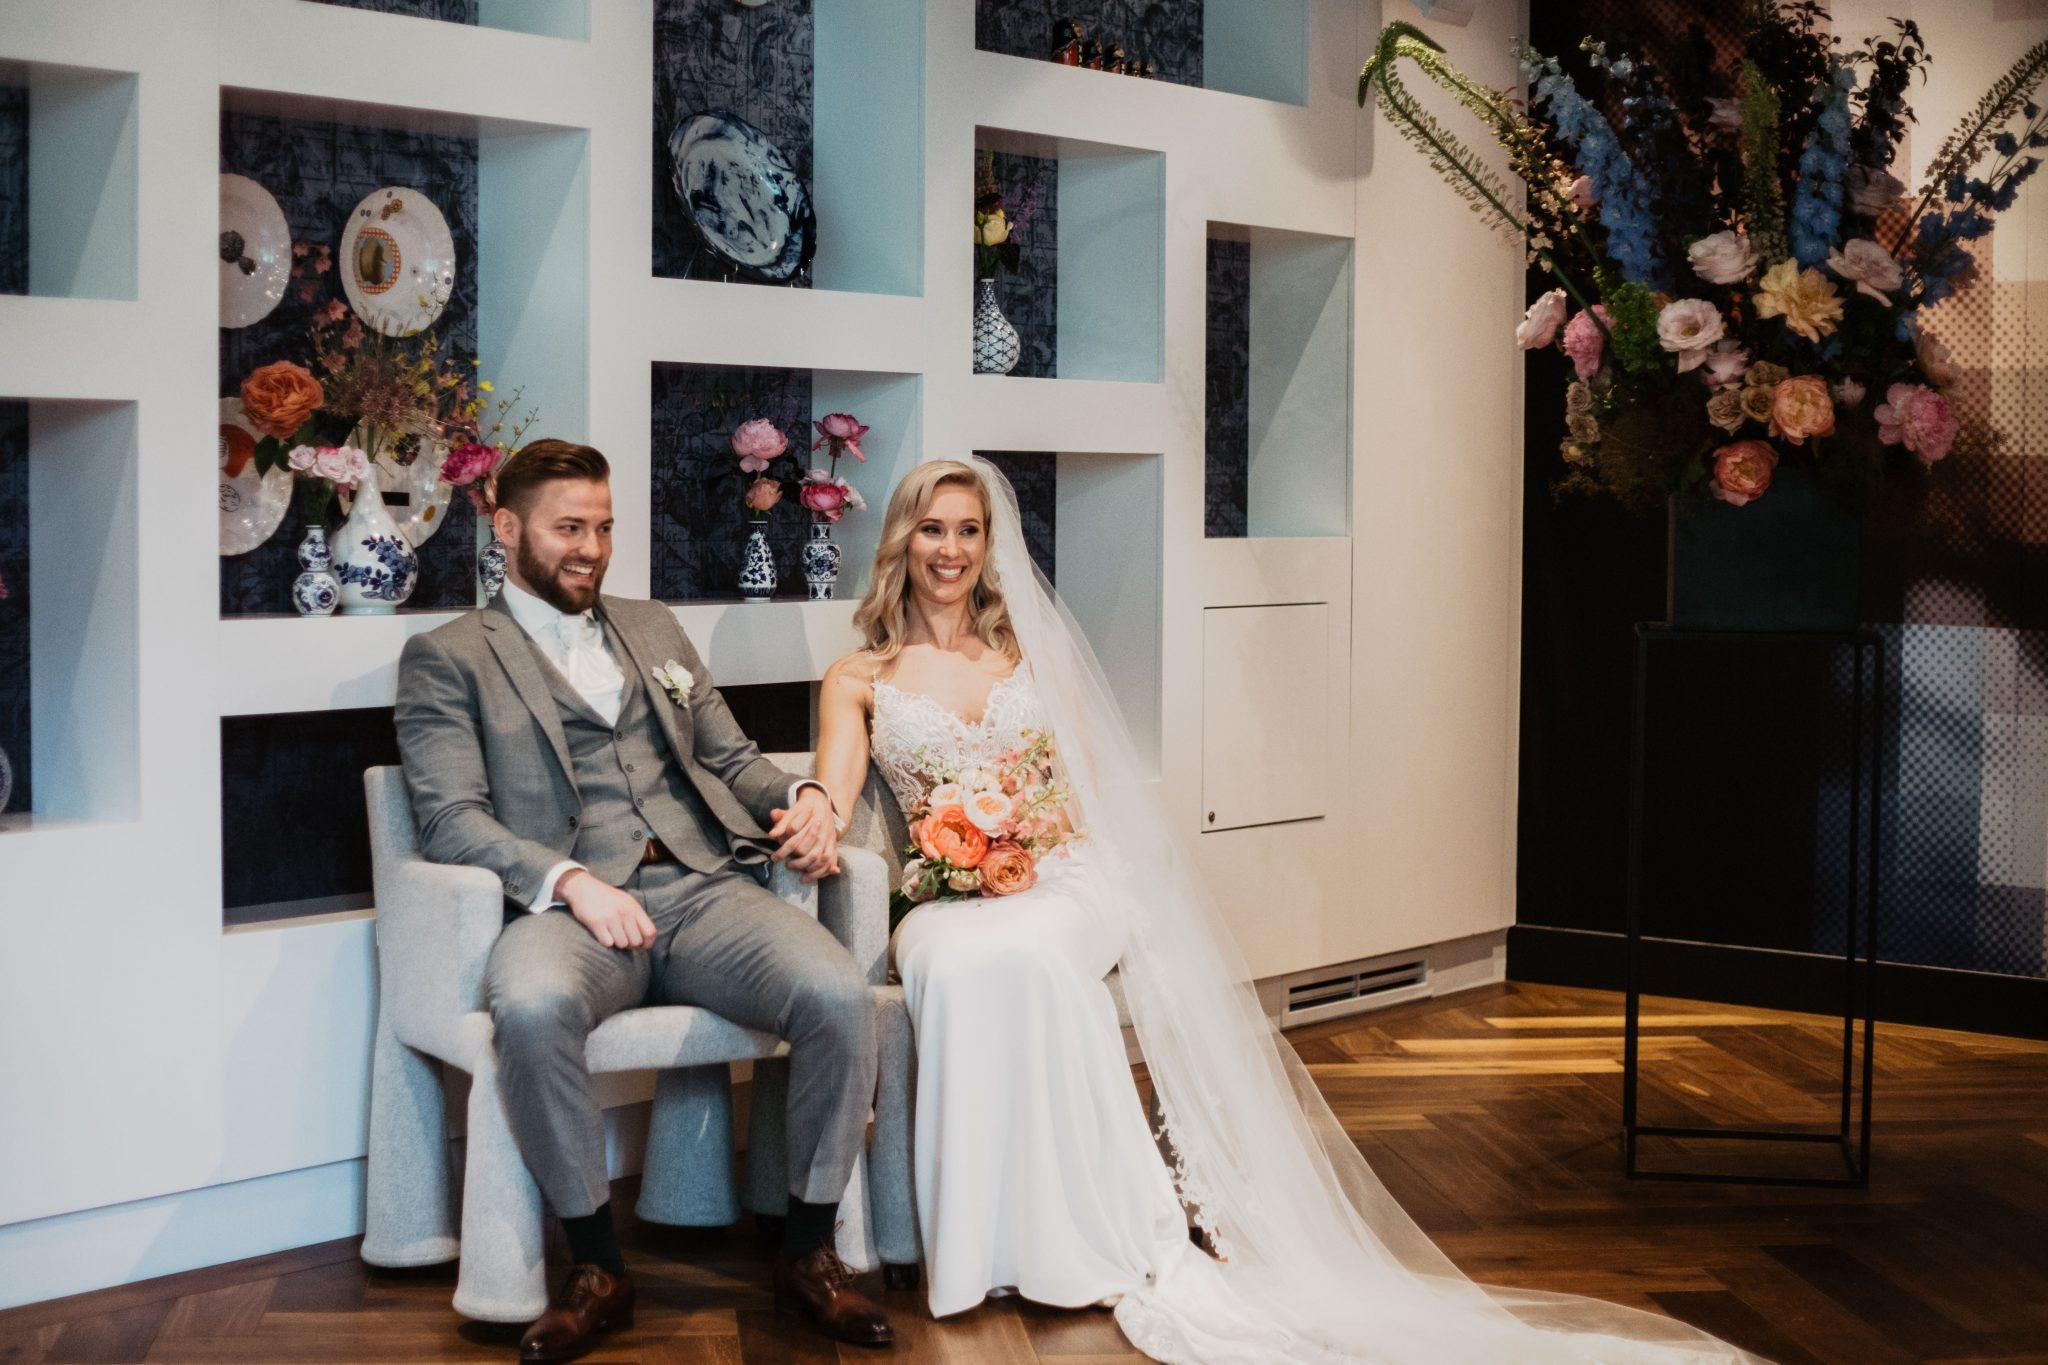 Ceremonie trouwen in Amsterdam Andaz hotel